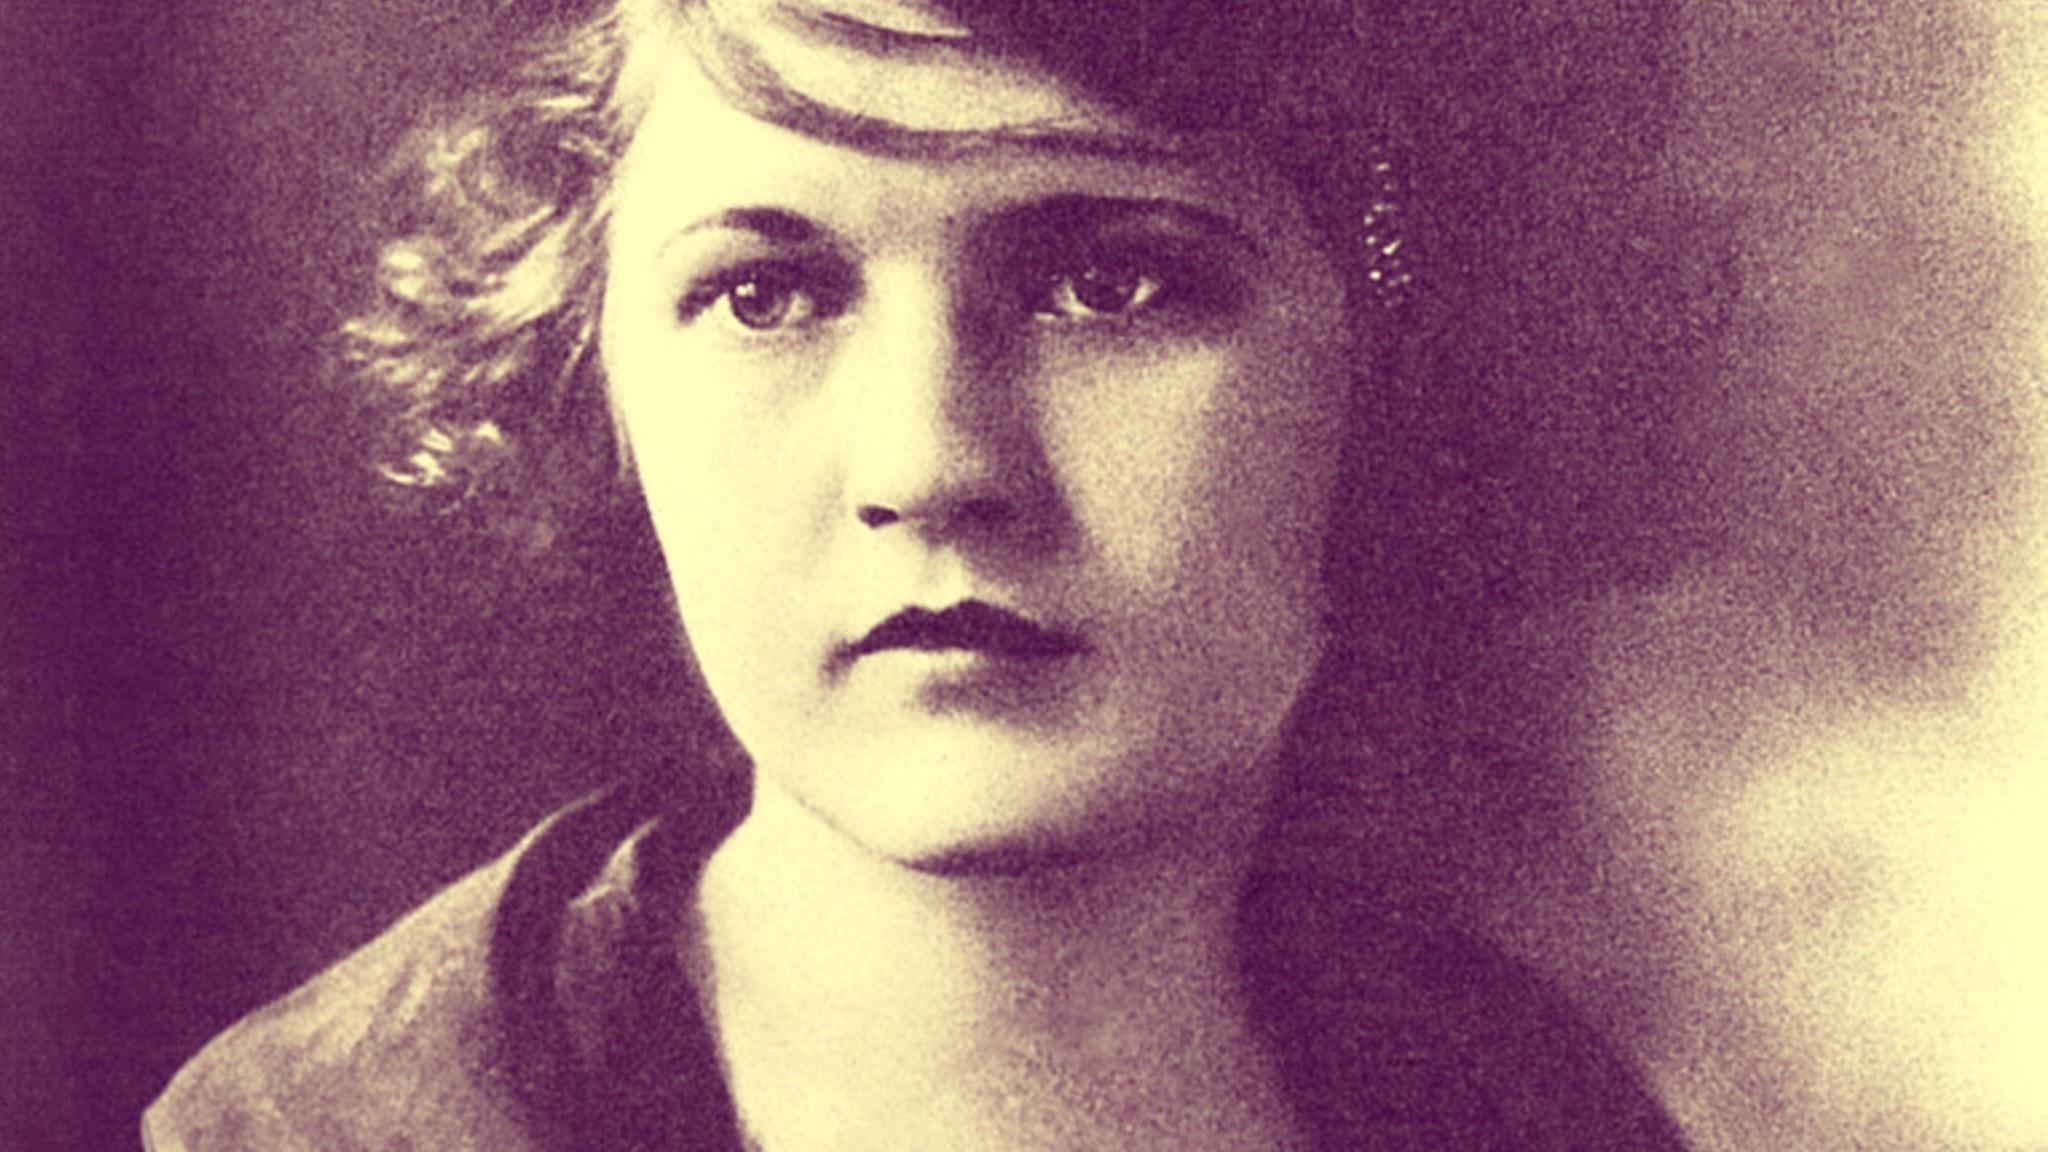 Zelda Fitzgerald,1900–1948.